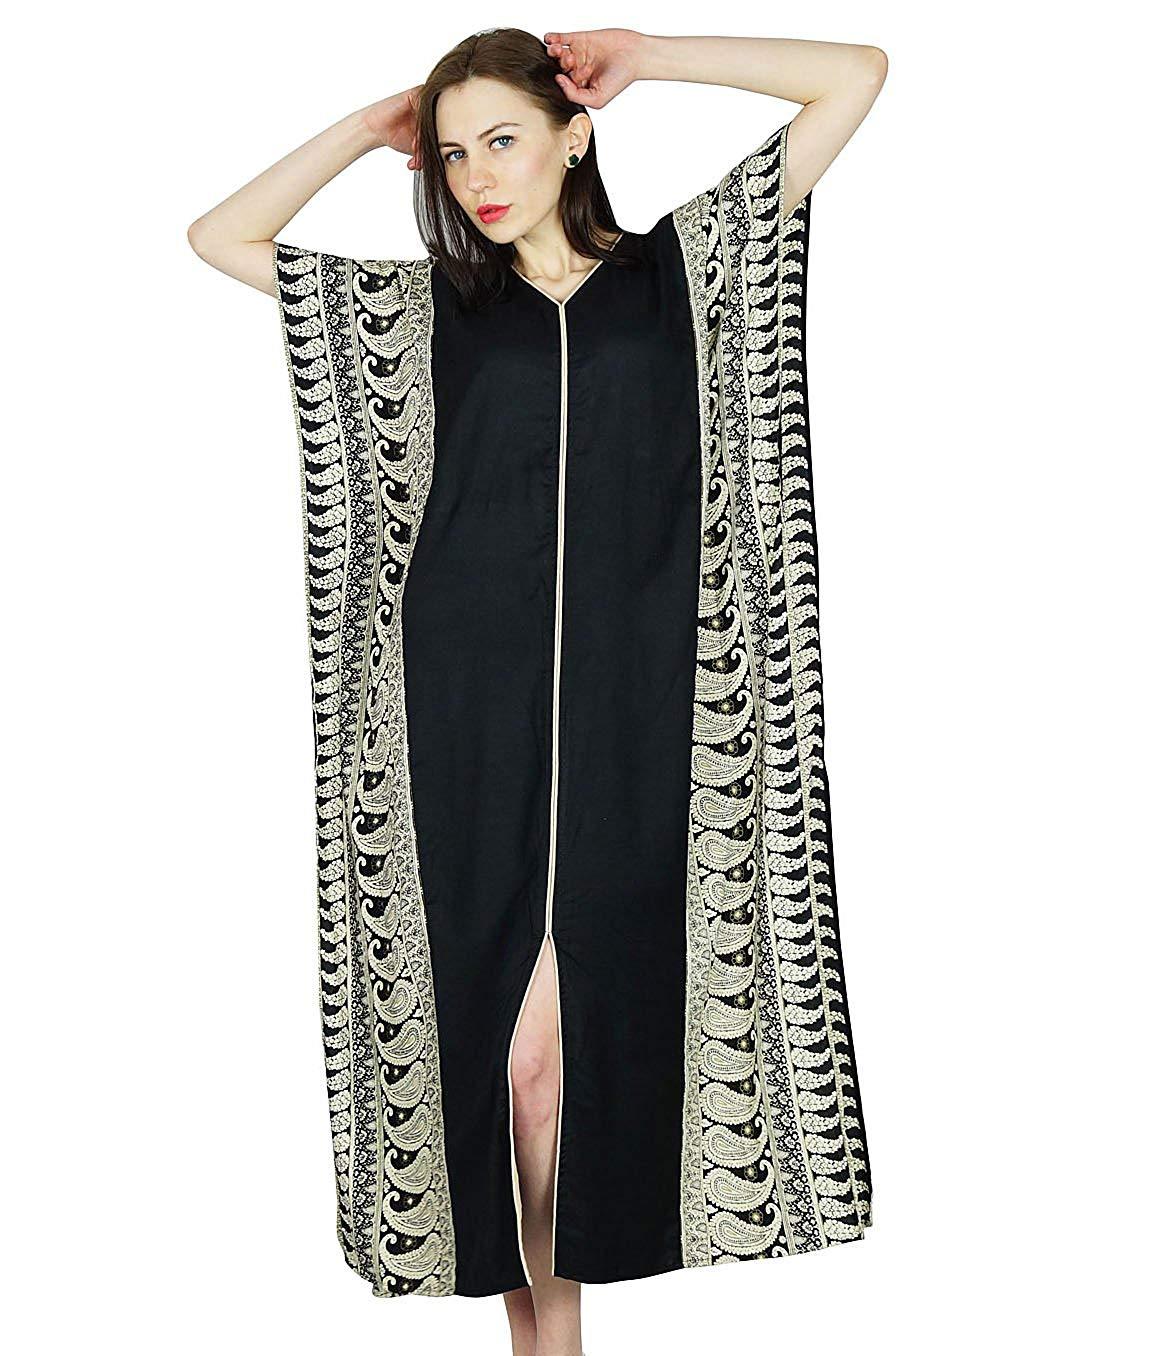 48d03ba15b Buy Bimba Women Rayon Long Kaftan Black Caftan Maxi Gown Coverup Top ...